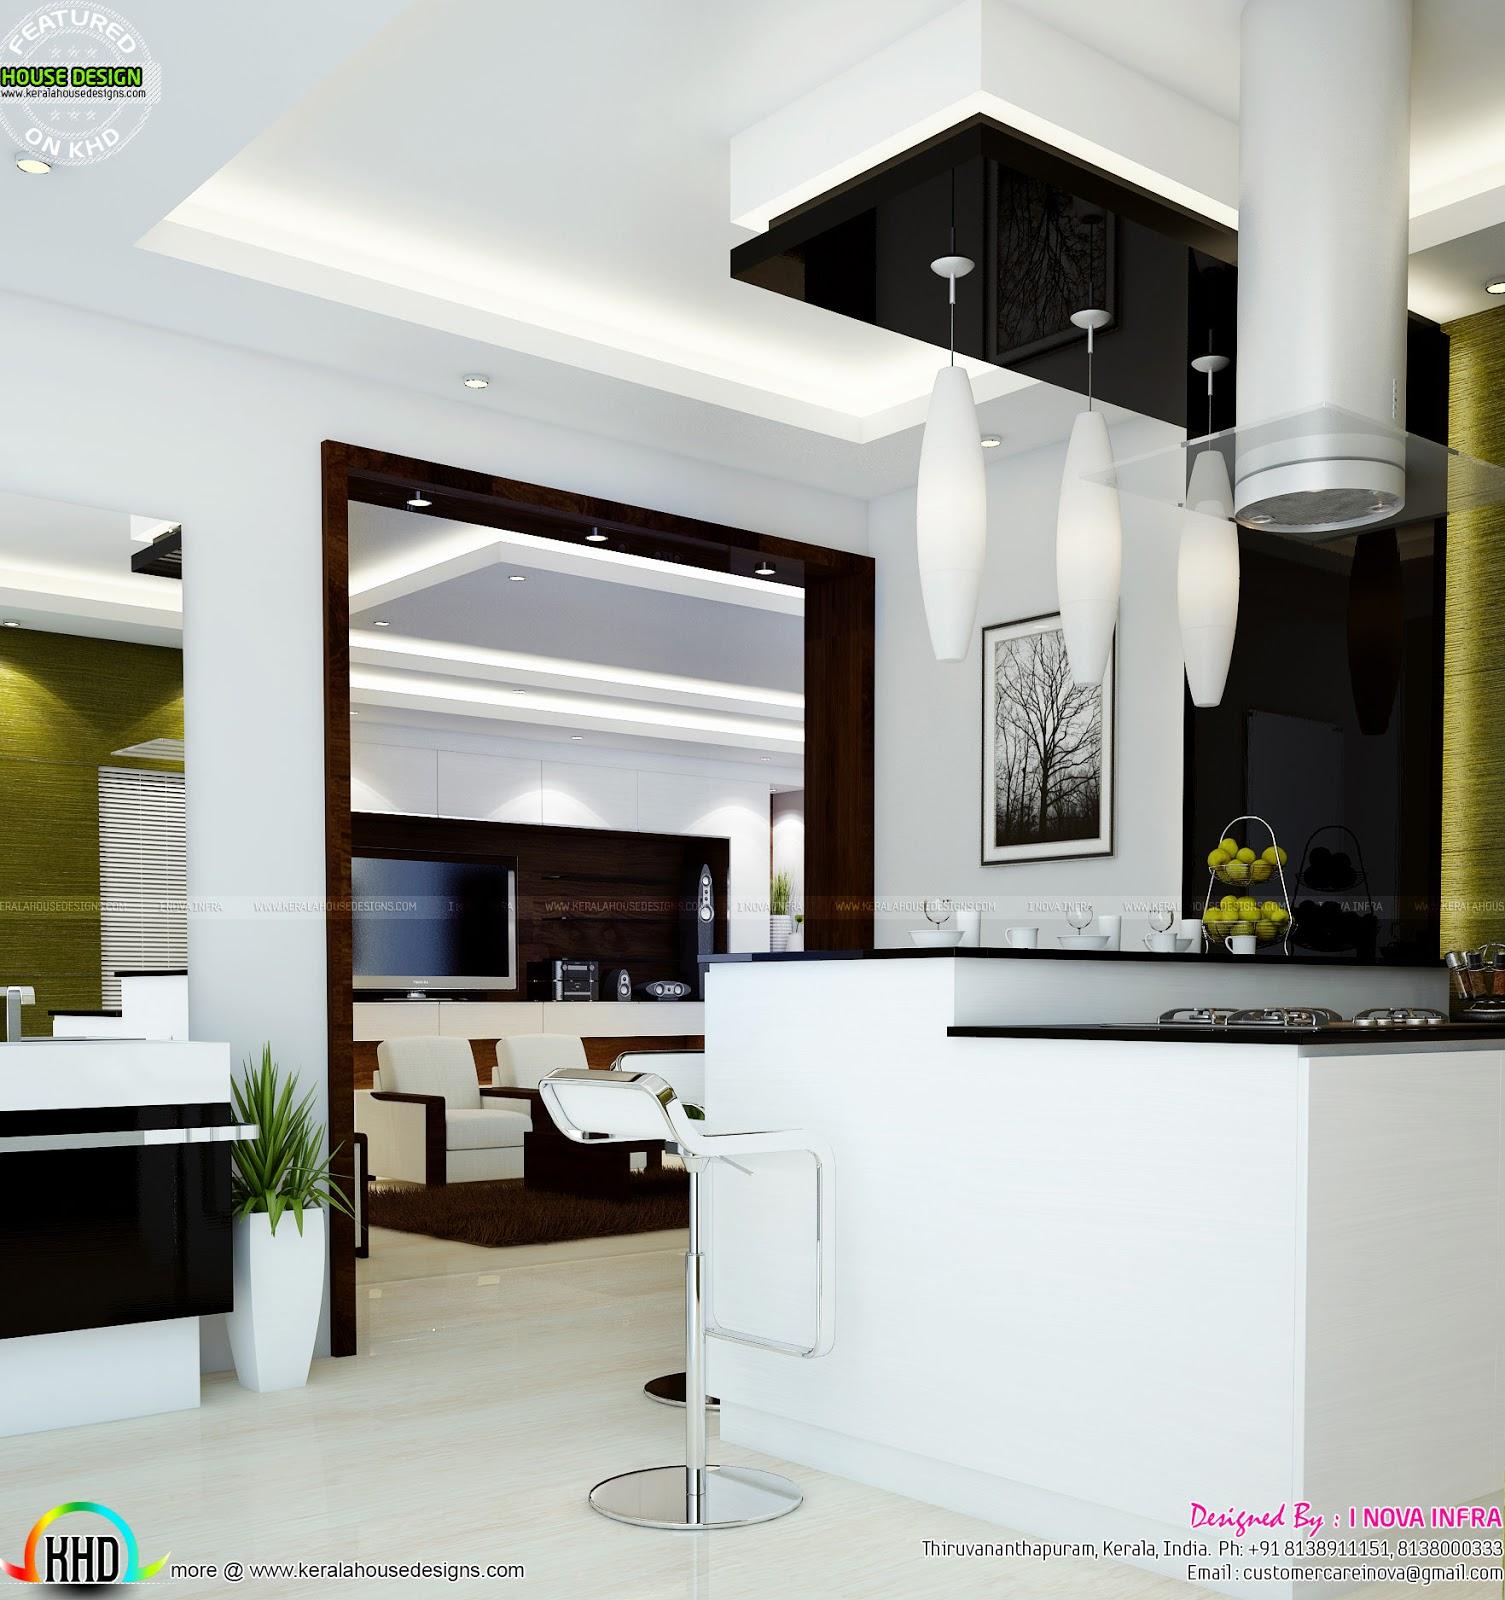 Home Interior Designs By I Nova Infra Kerala Home Design